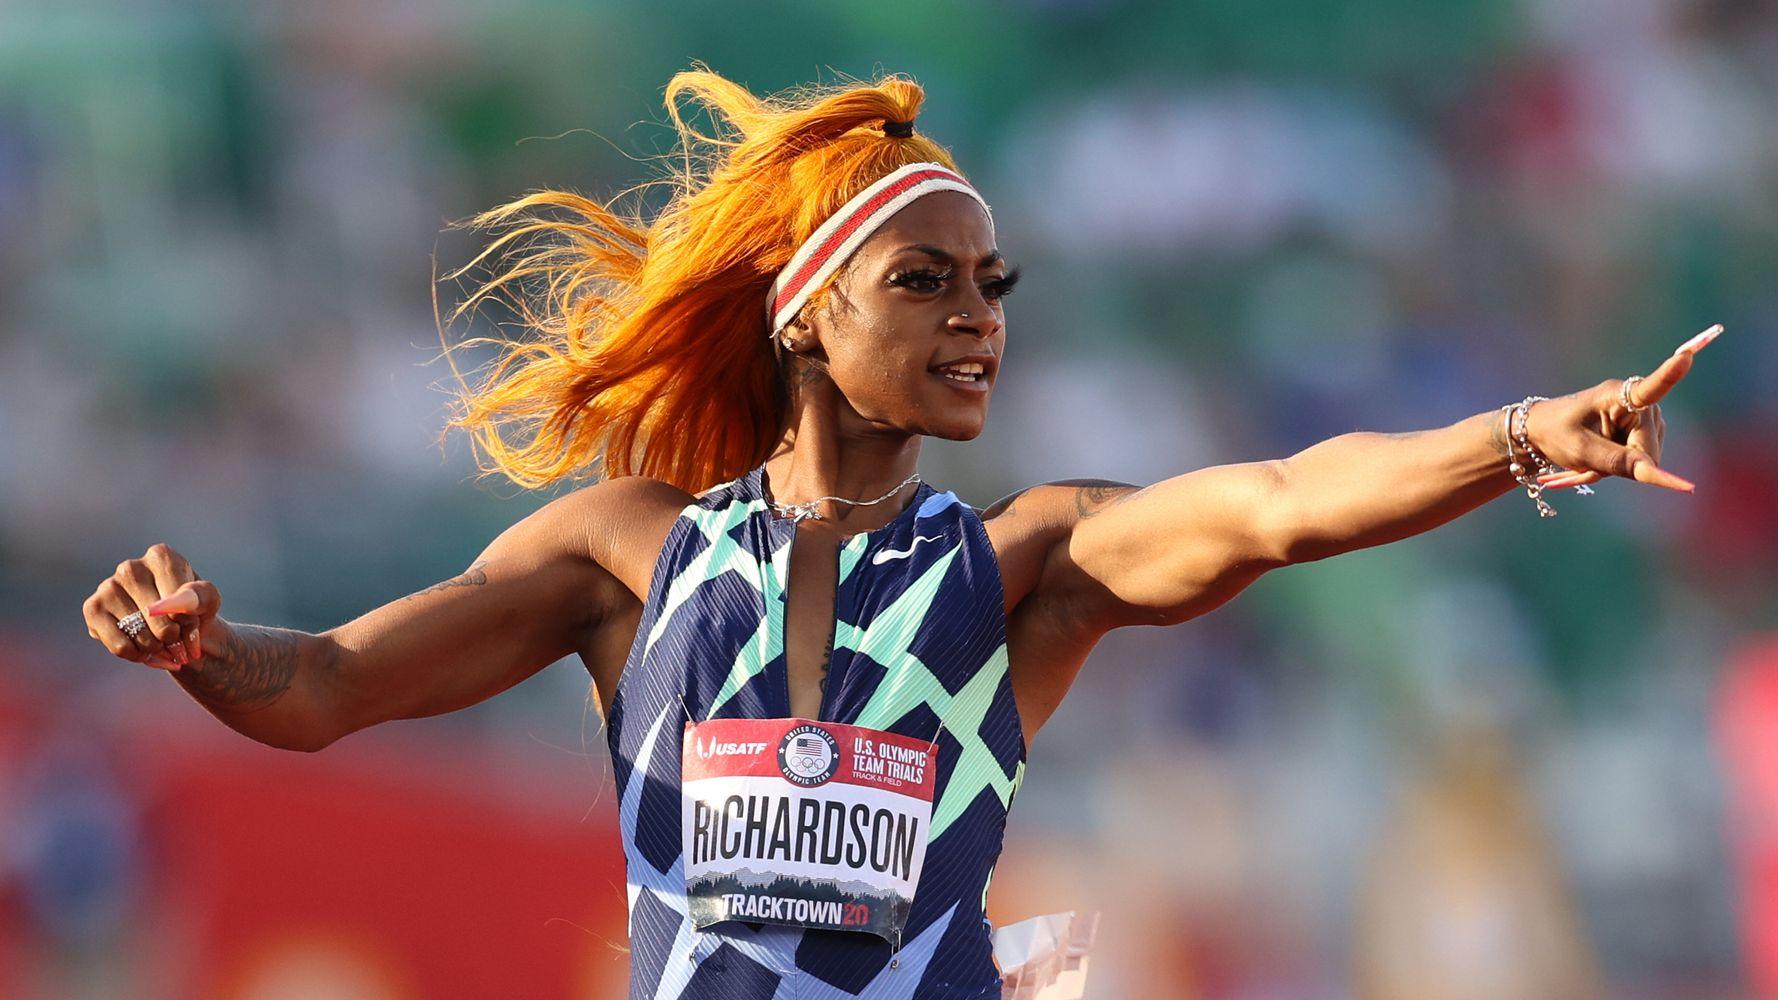 Atletika üzrə Olimpiya Oyunlarının favoriti yarışları buraxa bilər